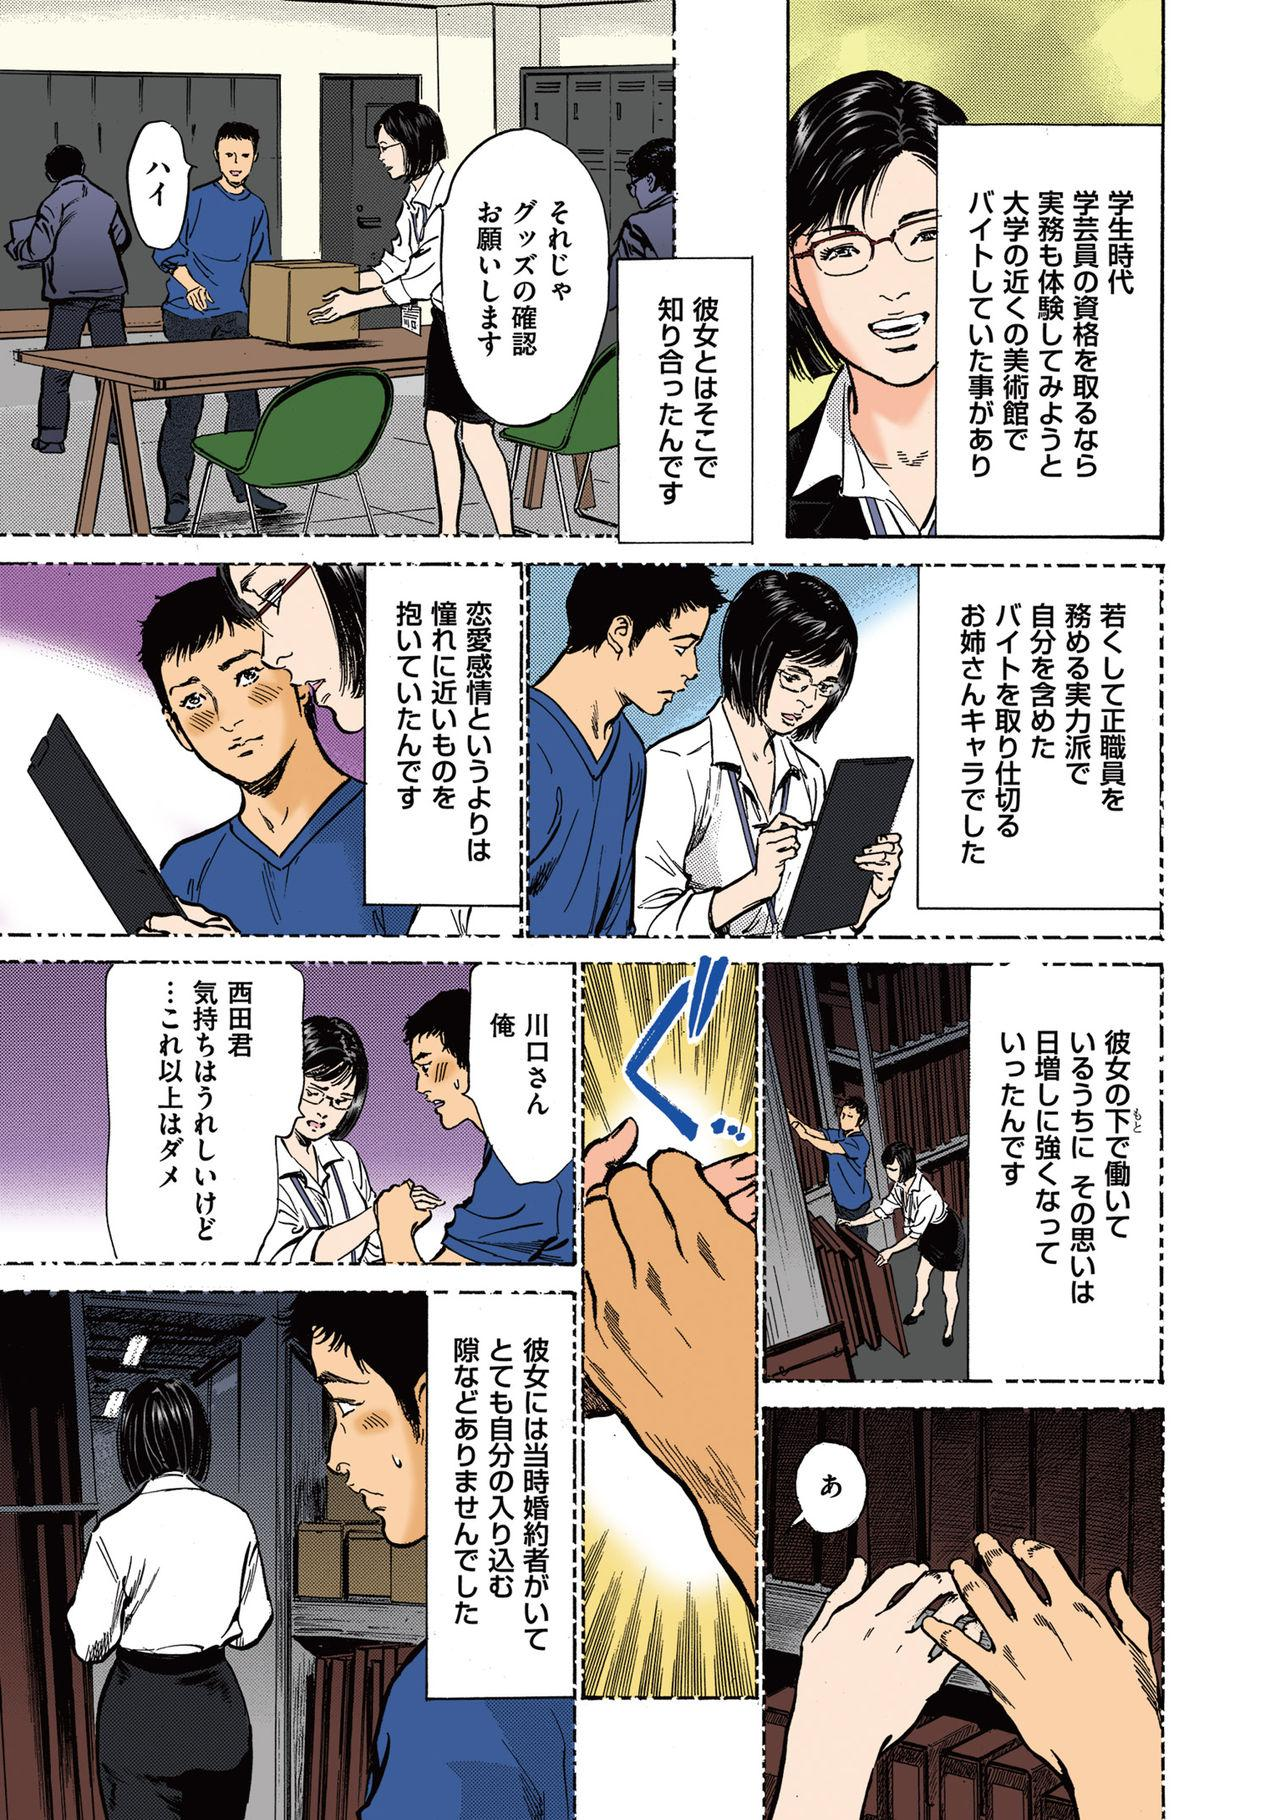 [Hazuki Kaoru] Hazuki Kaoru no Tamaranai Hanashi (Full Color Version) 2-1 54